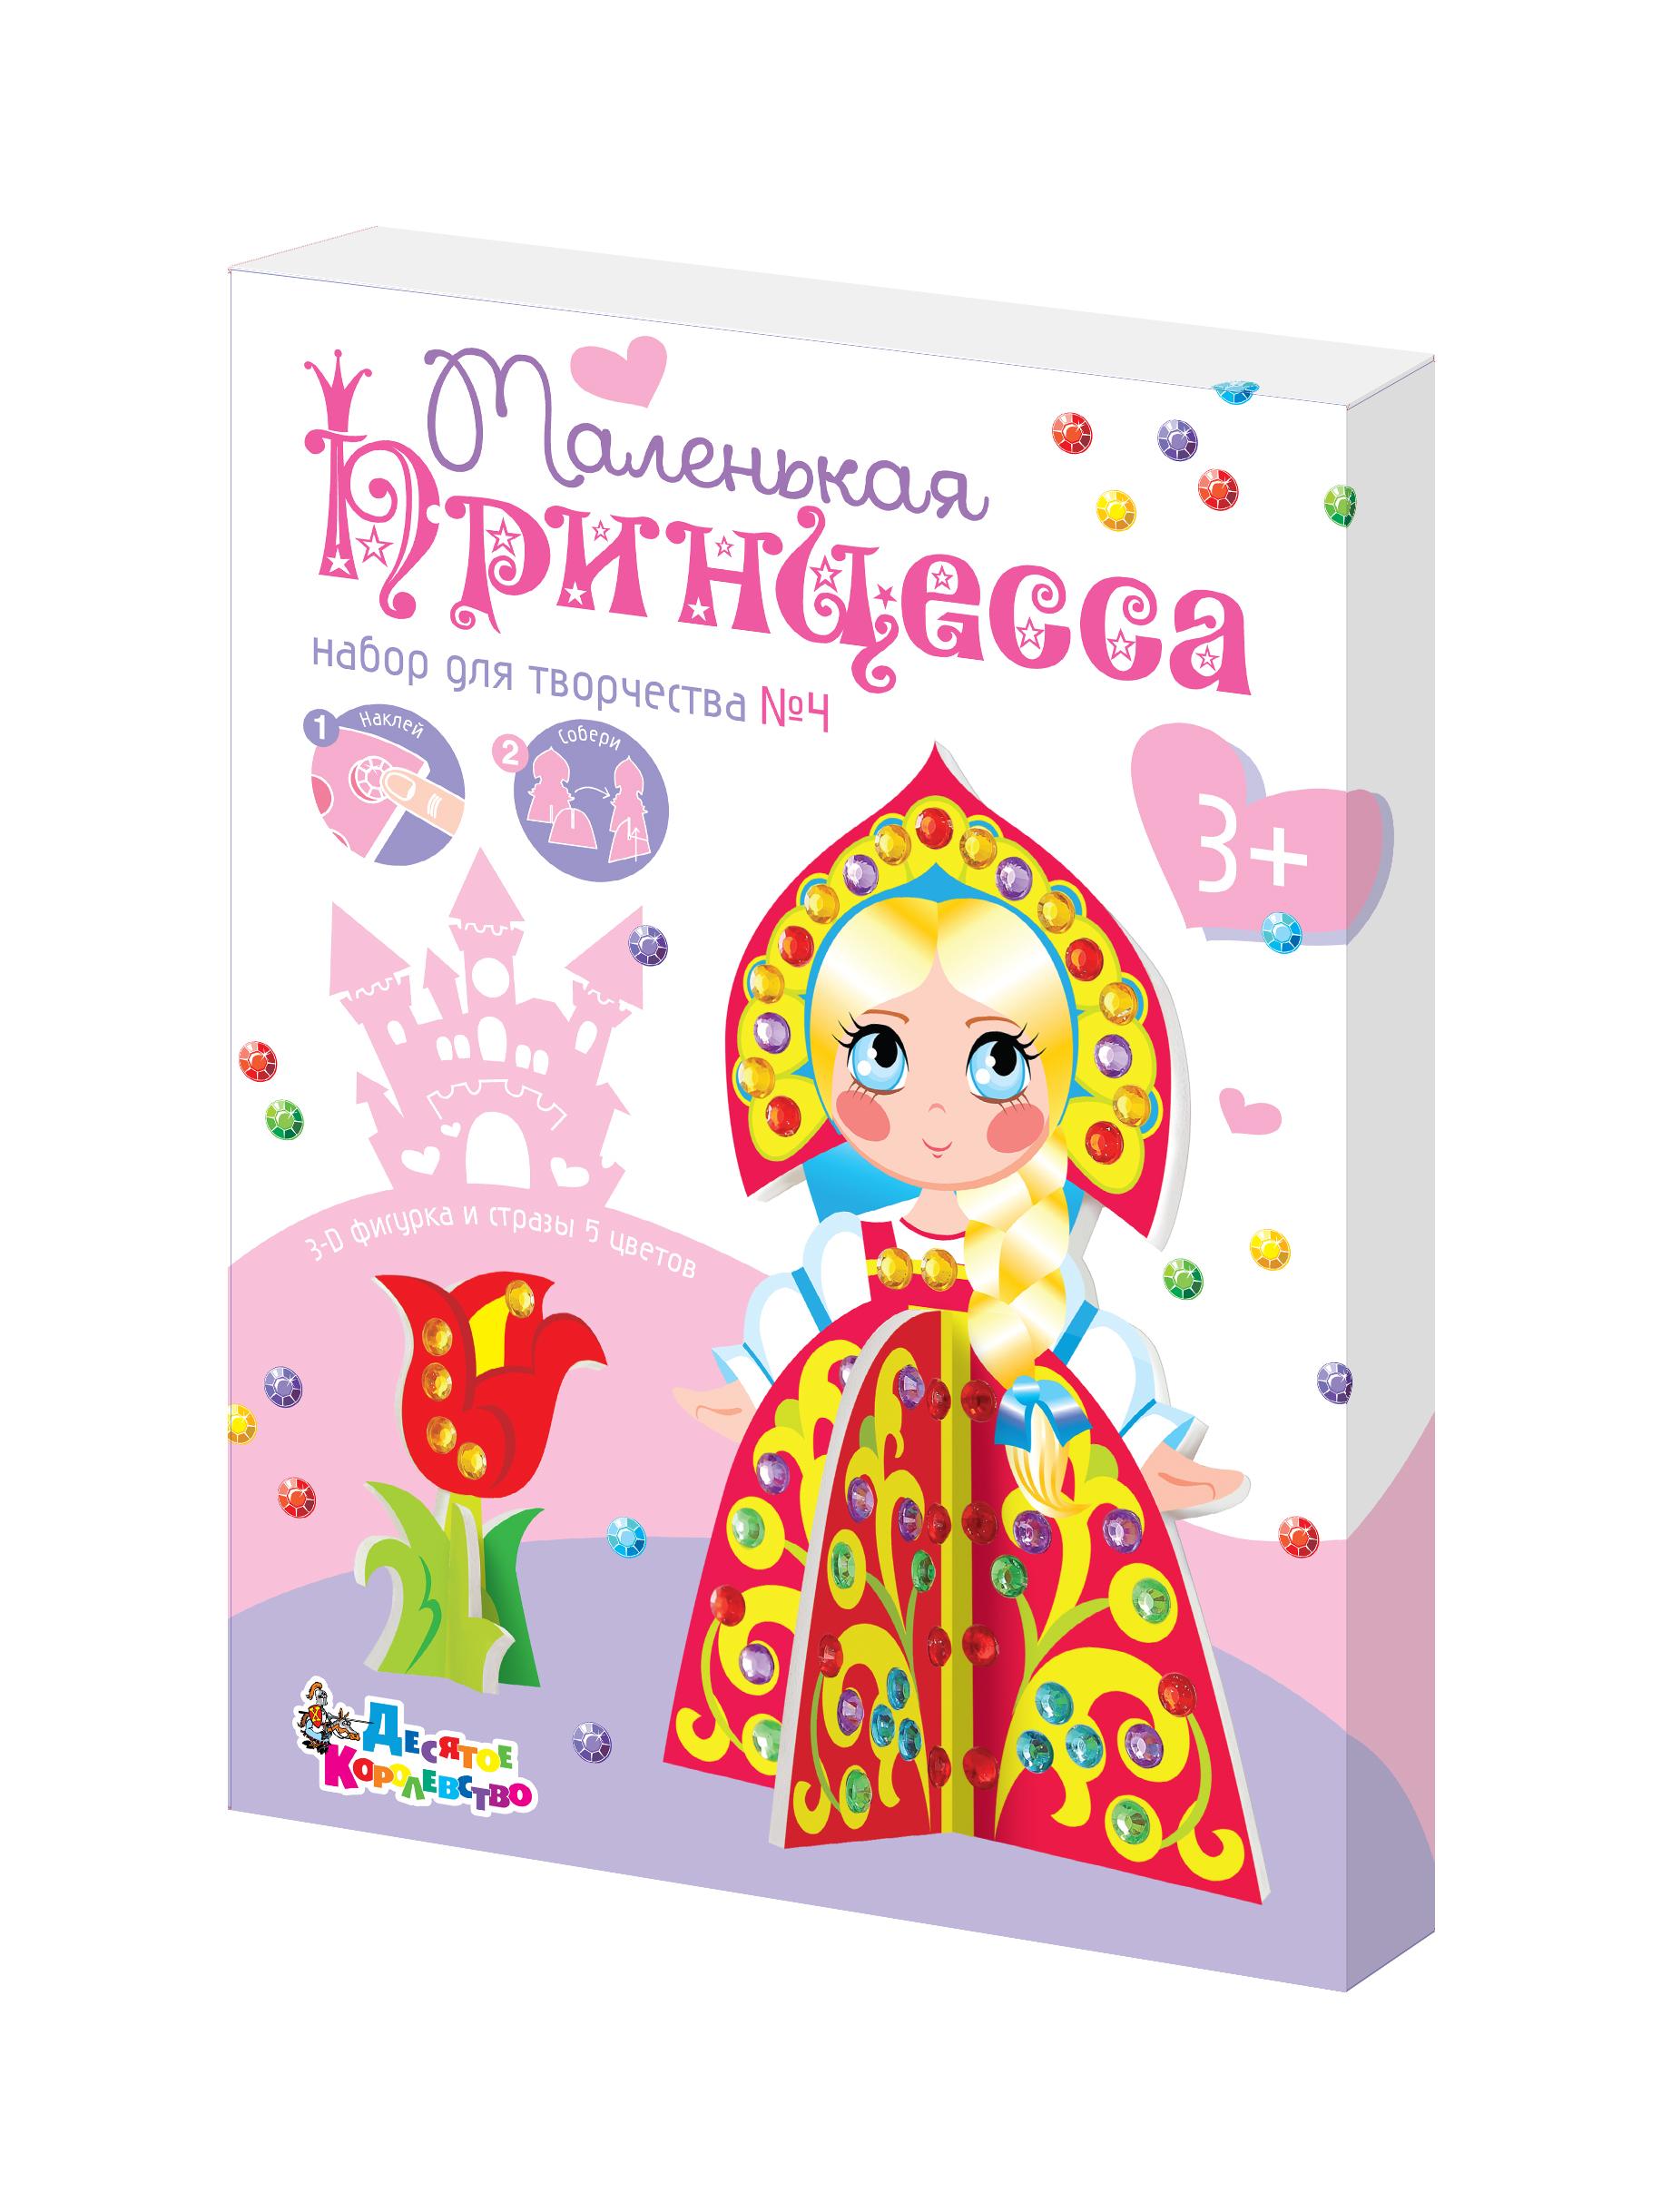 Набор для творчества из страз - Принцесса 3D, набор № 4Аппликация, пайетки<br>Набор для творчества из страз - Принцесса 3D, набор № 4<br>